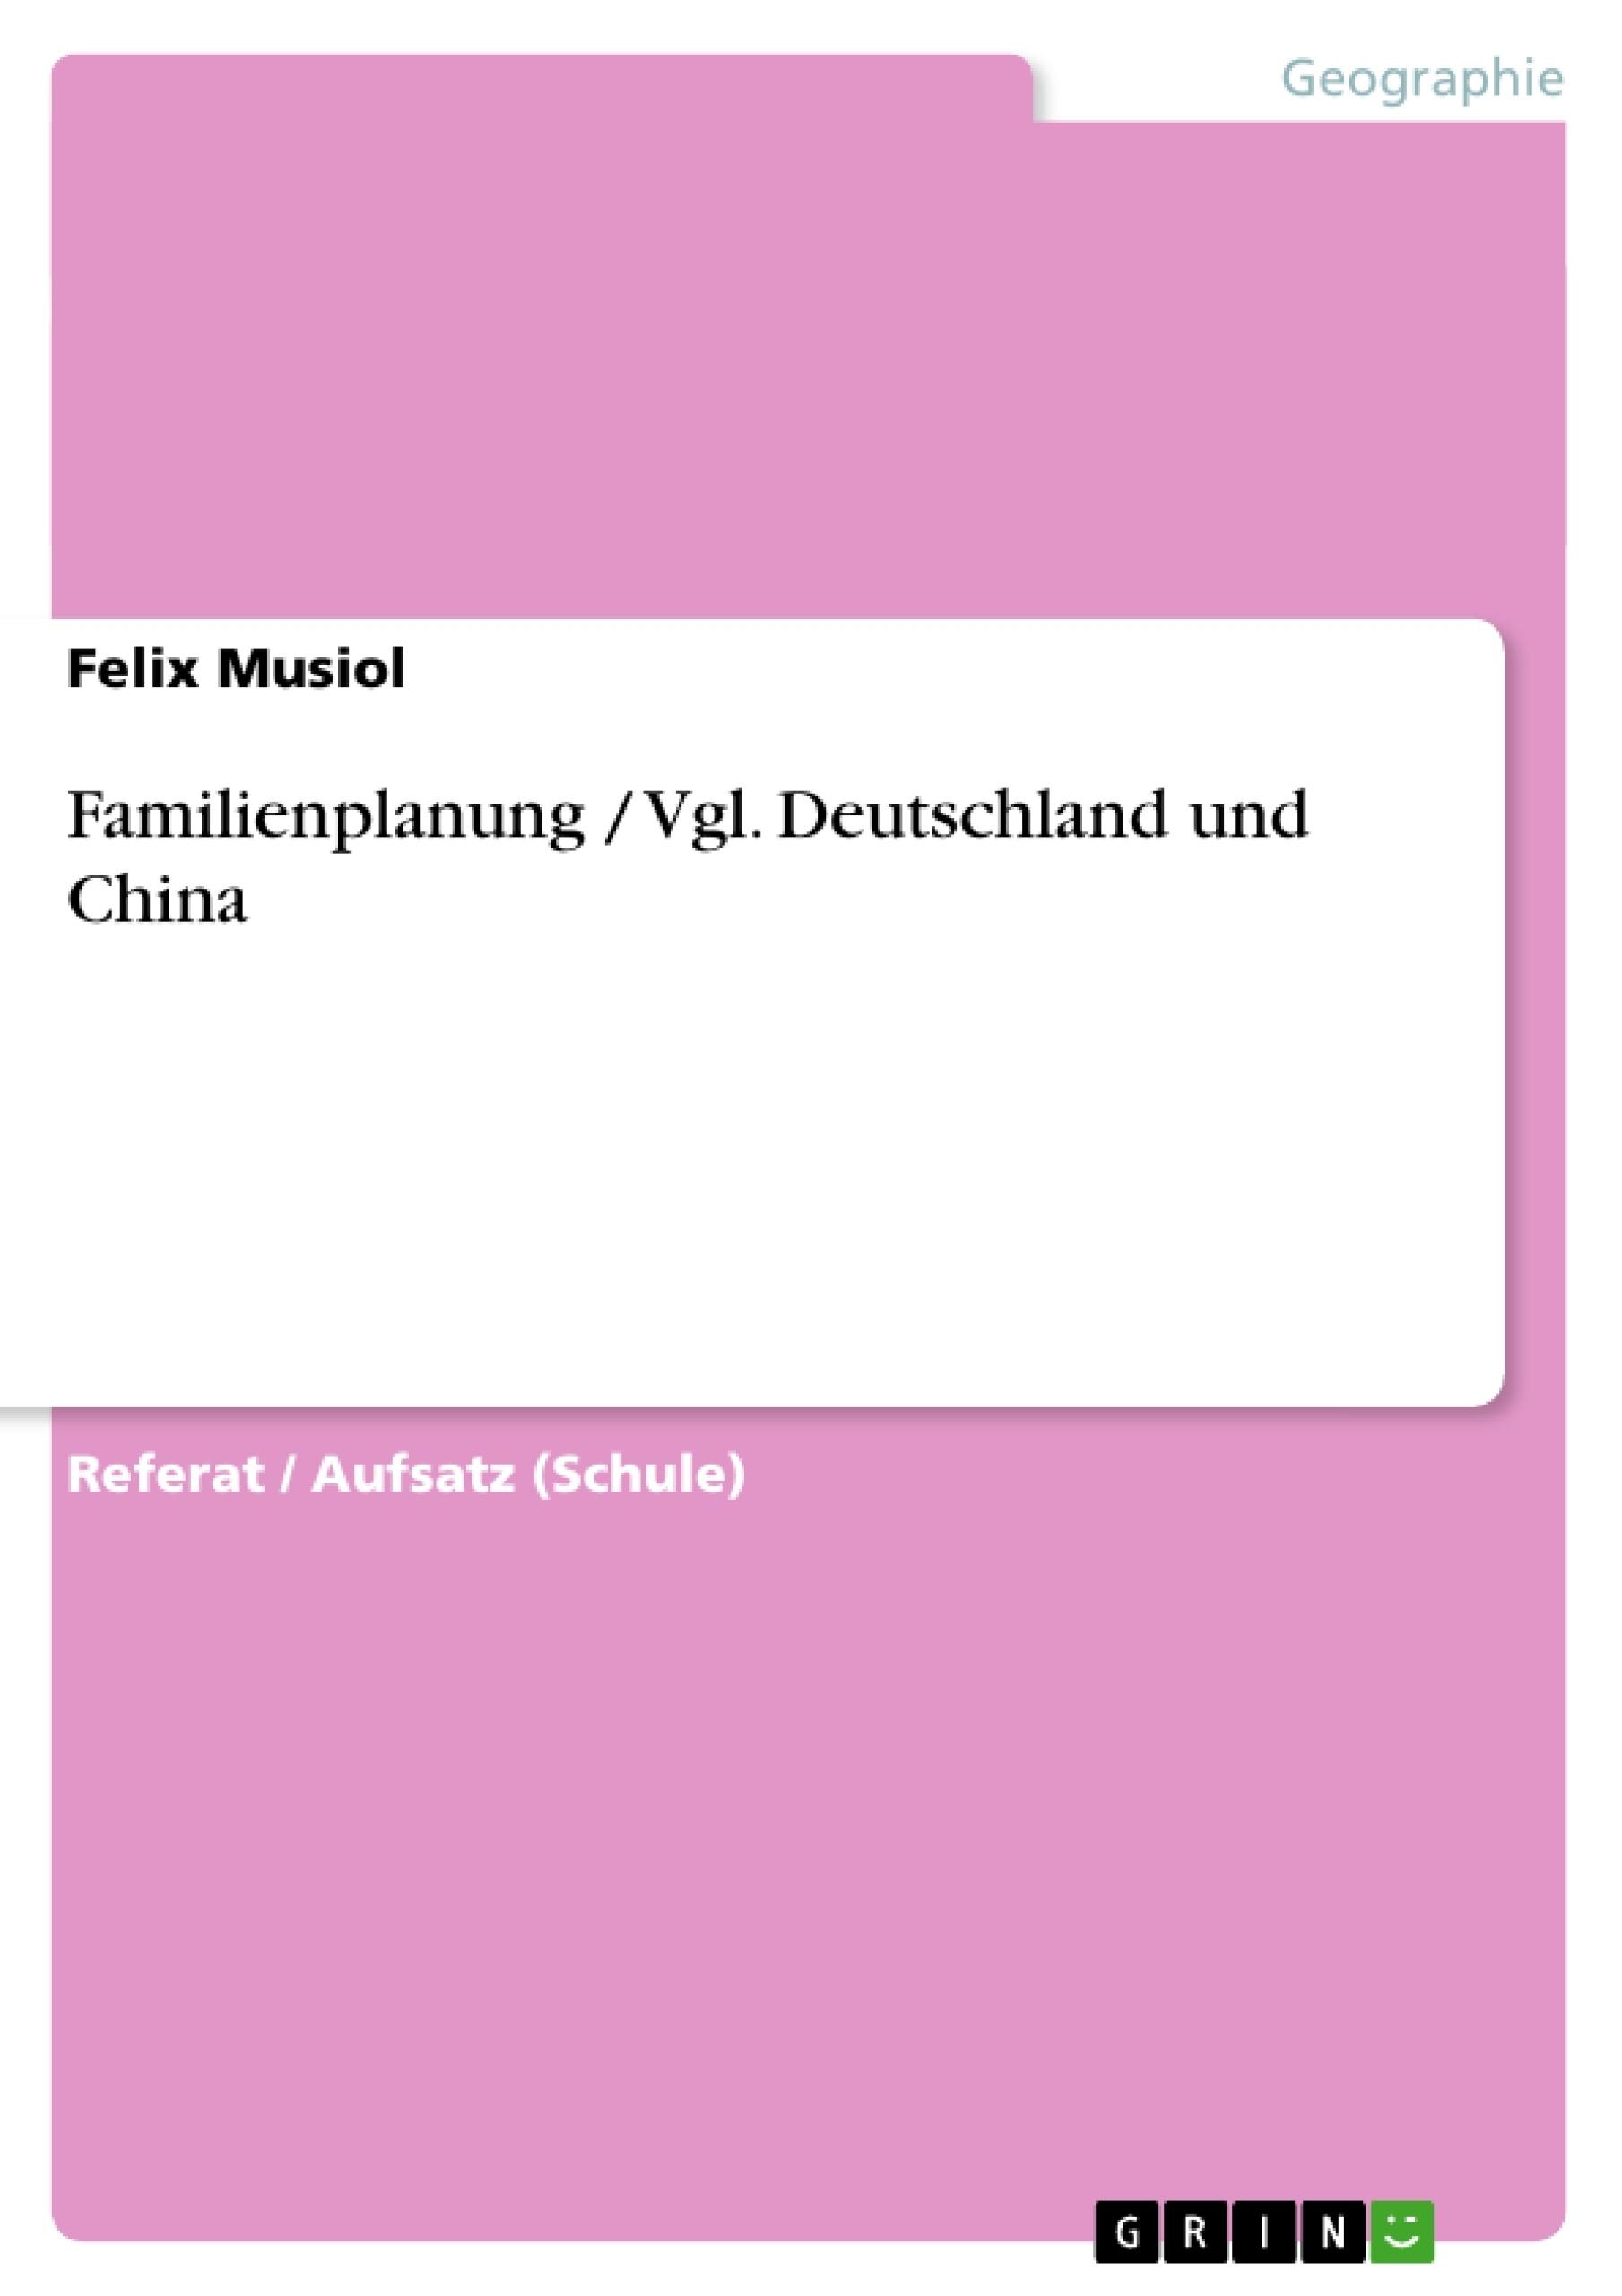 Titel: Familienplanung / Vgl. Deutschland und China